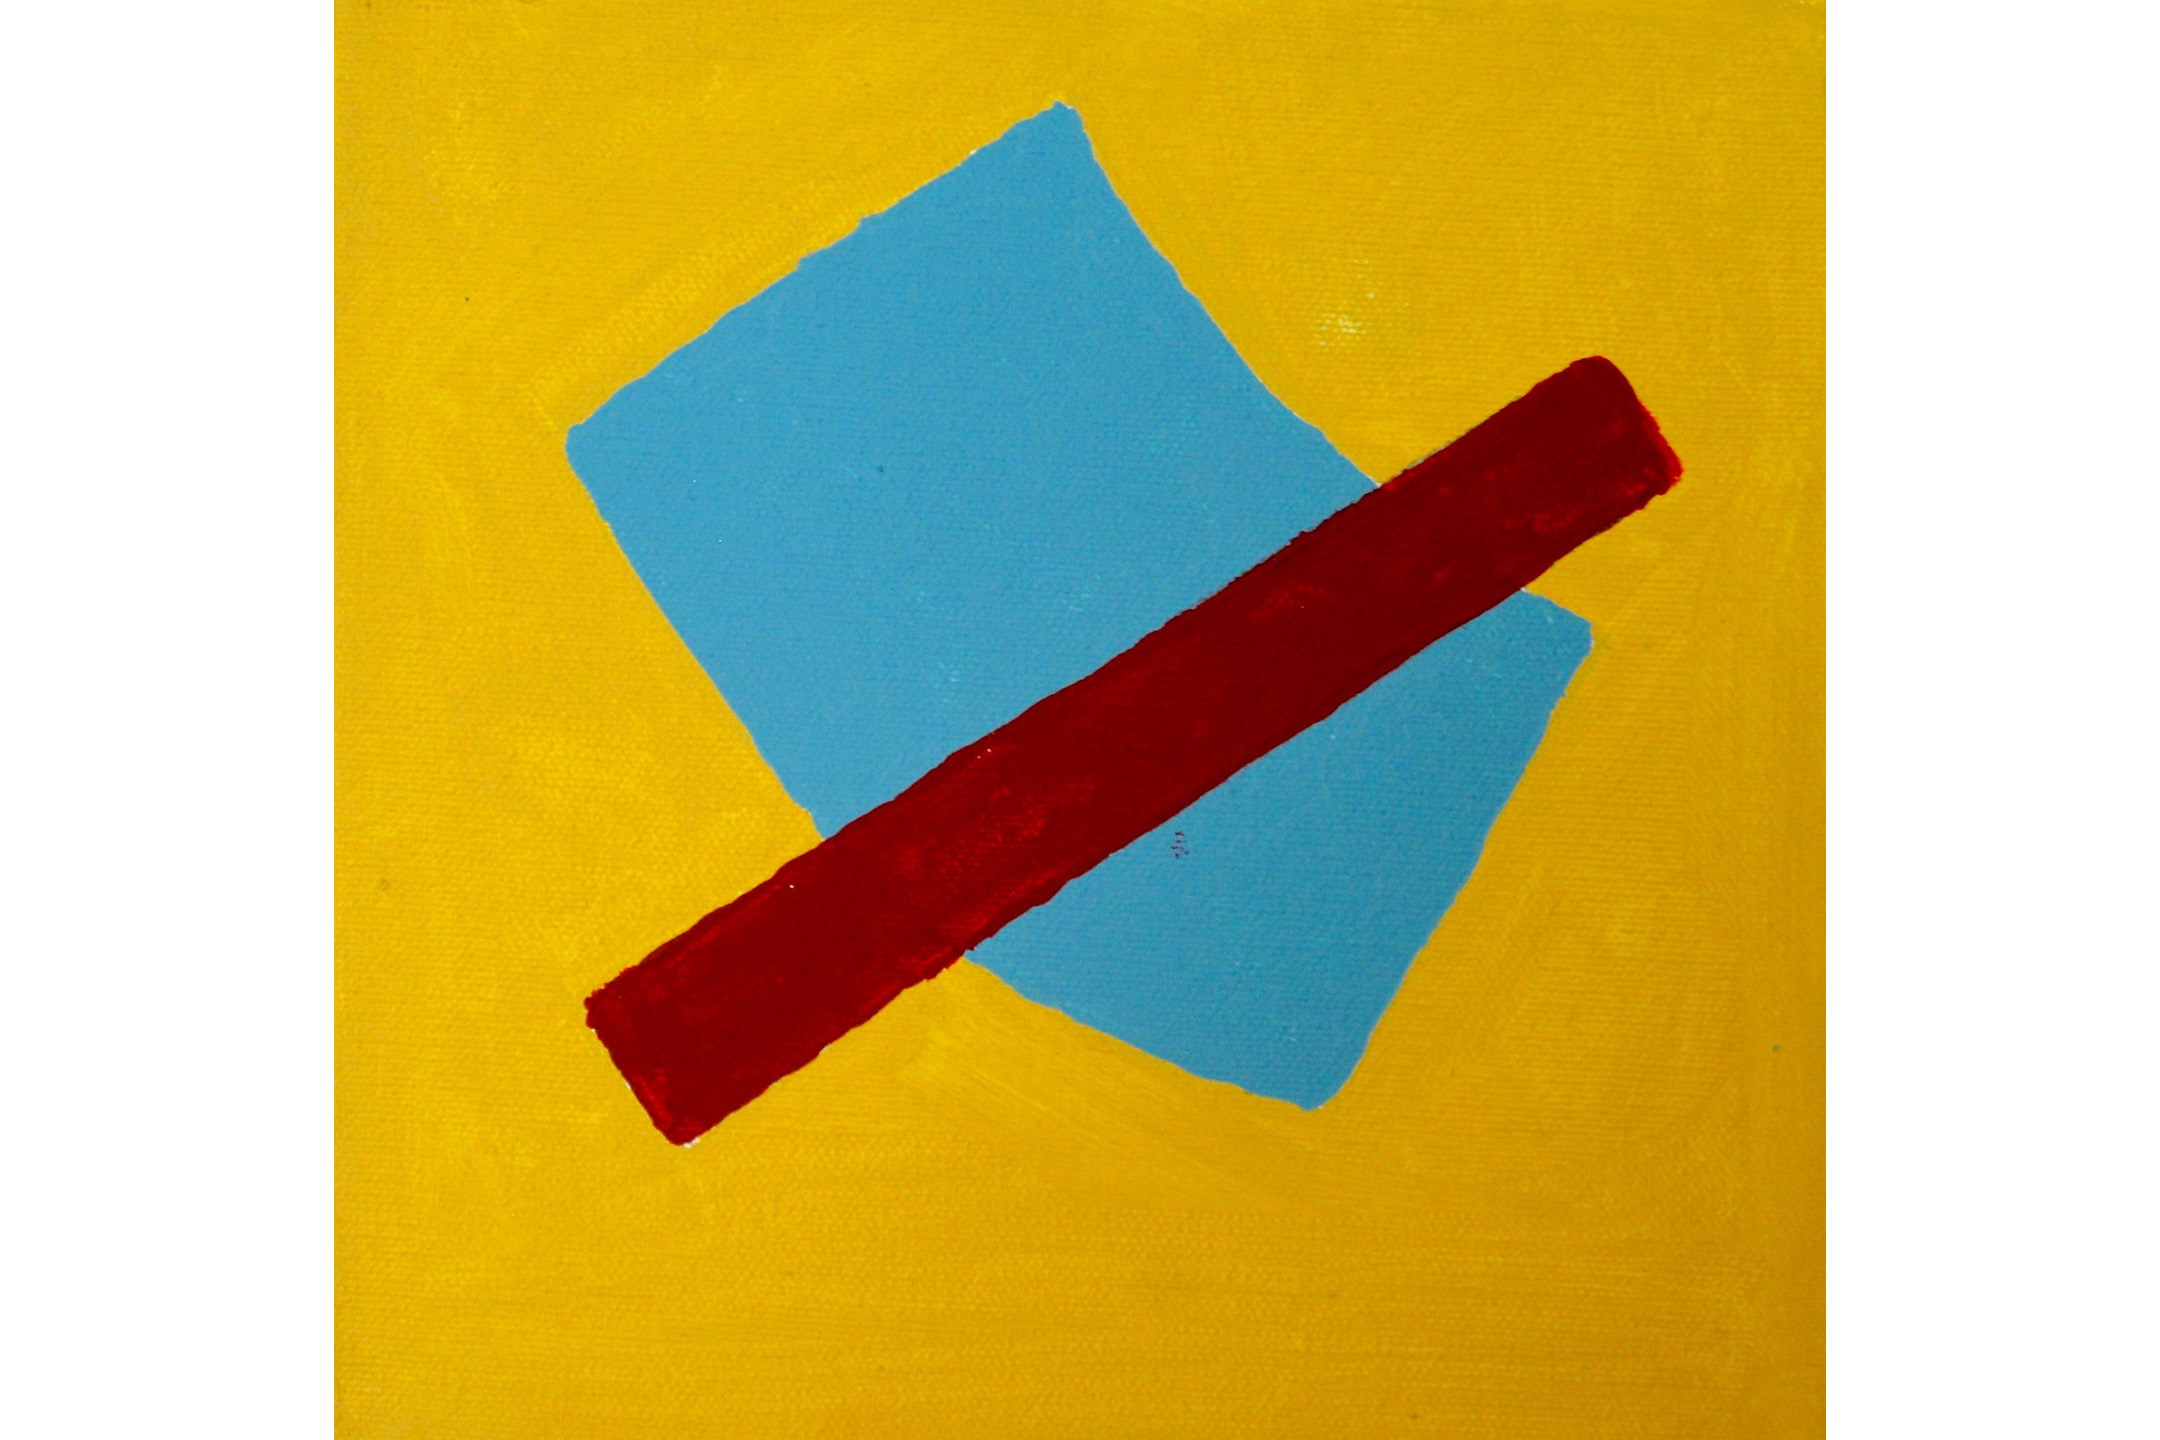 """John Whittaker, Nostalgia #1, Acrylic on canvas, 8"""" x 8"""", 2016"""